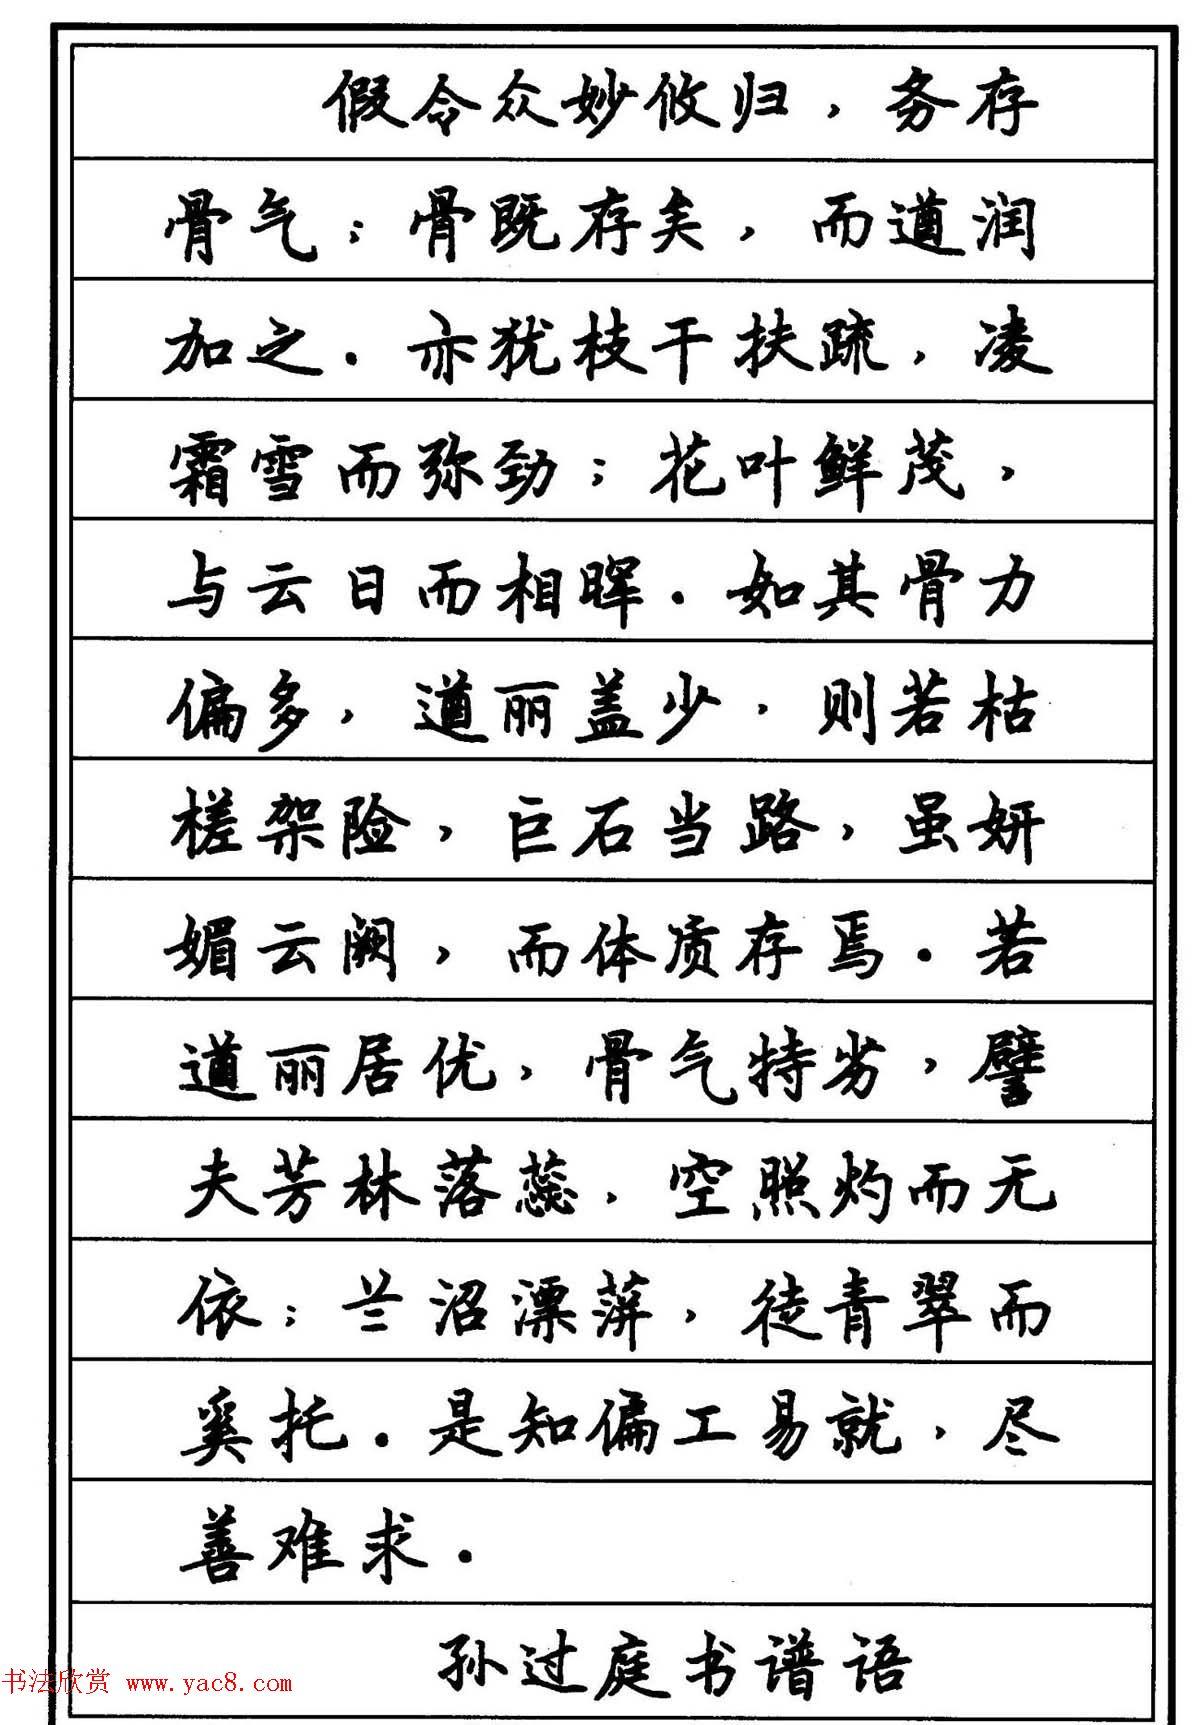 范林庆硬笔书法楷书作品欣赏(21)